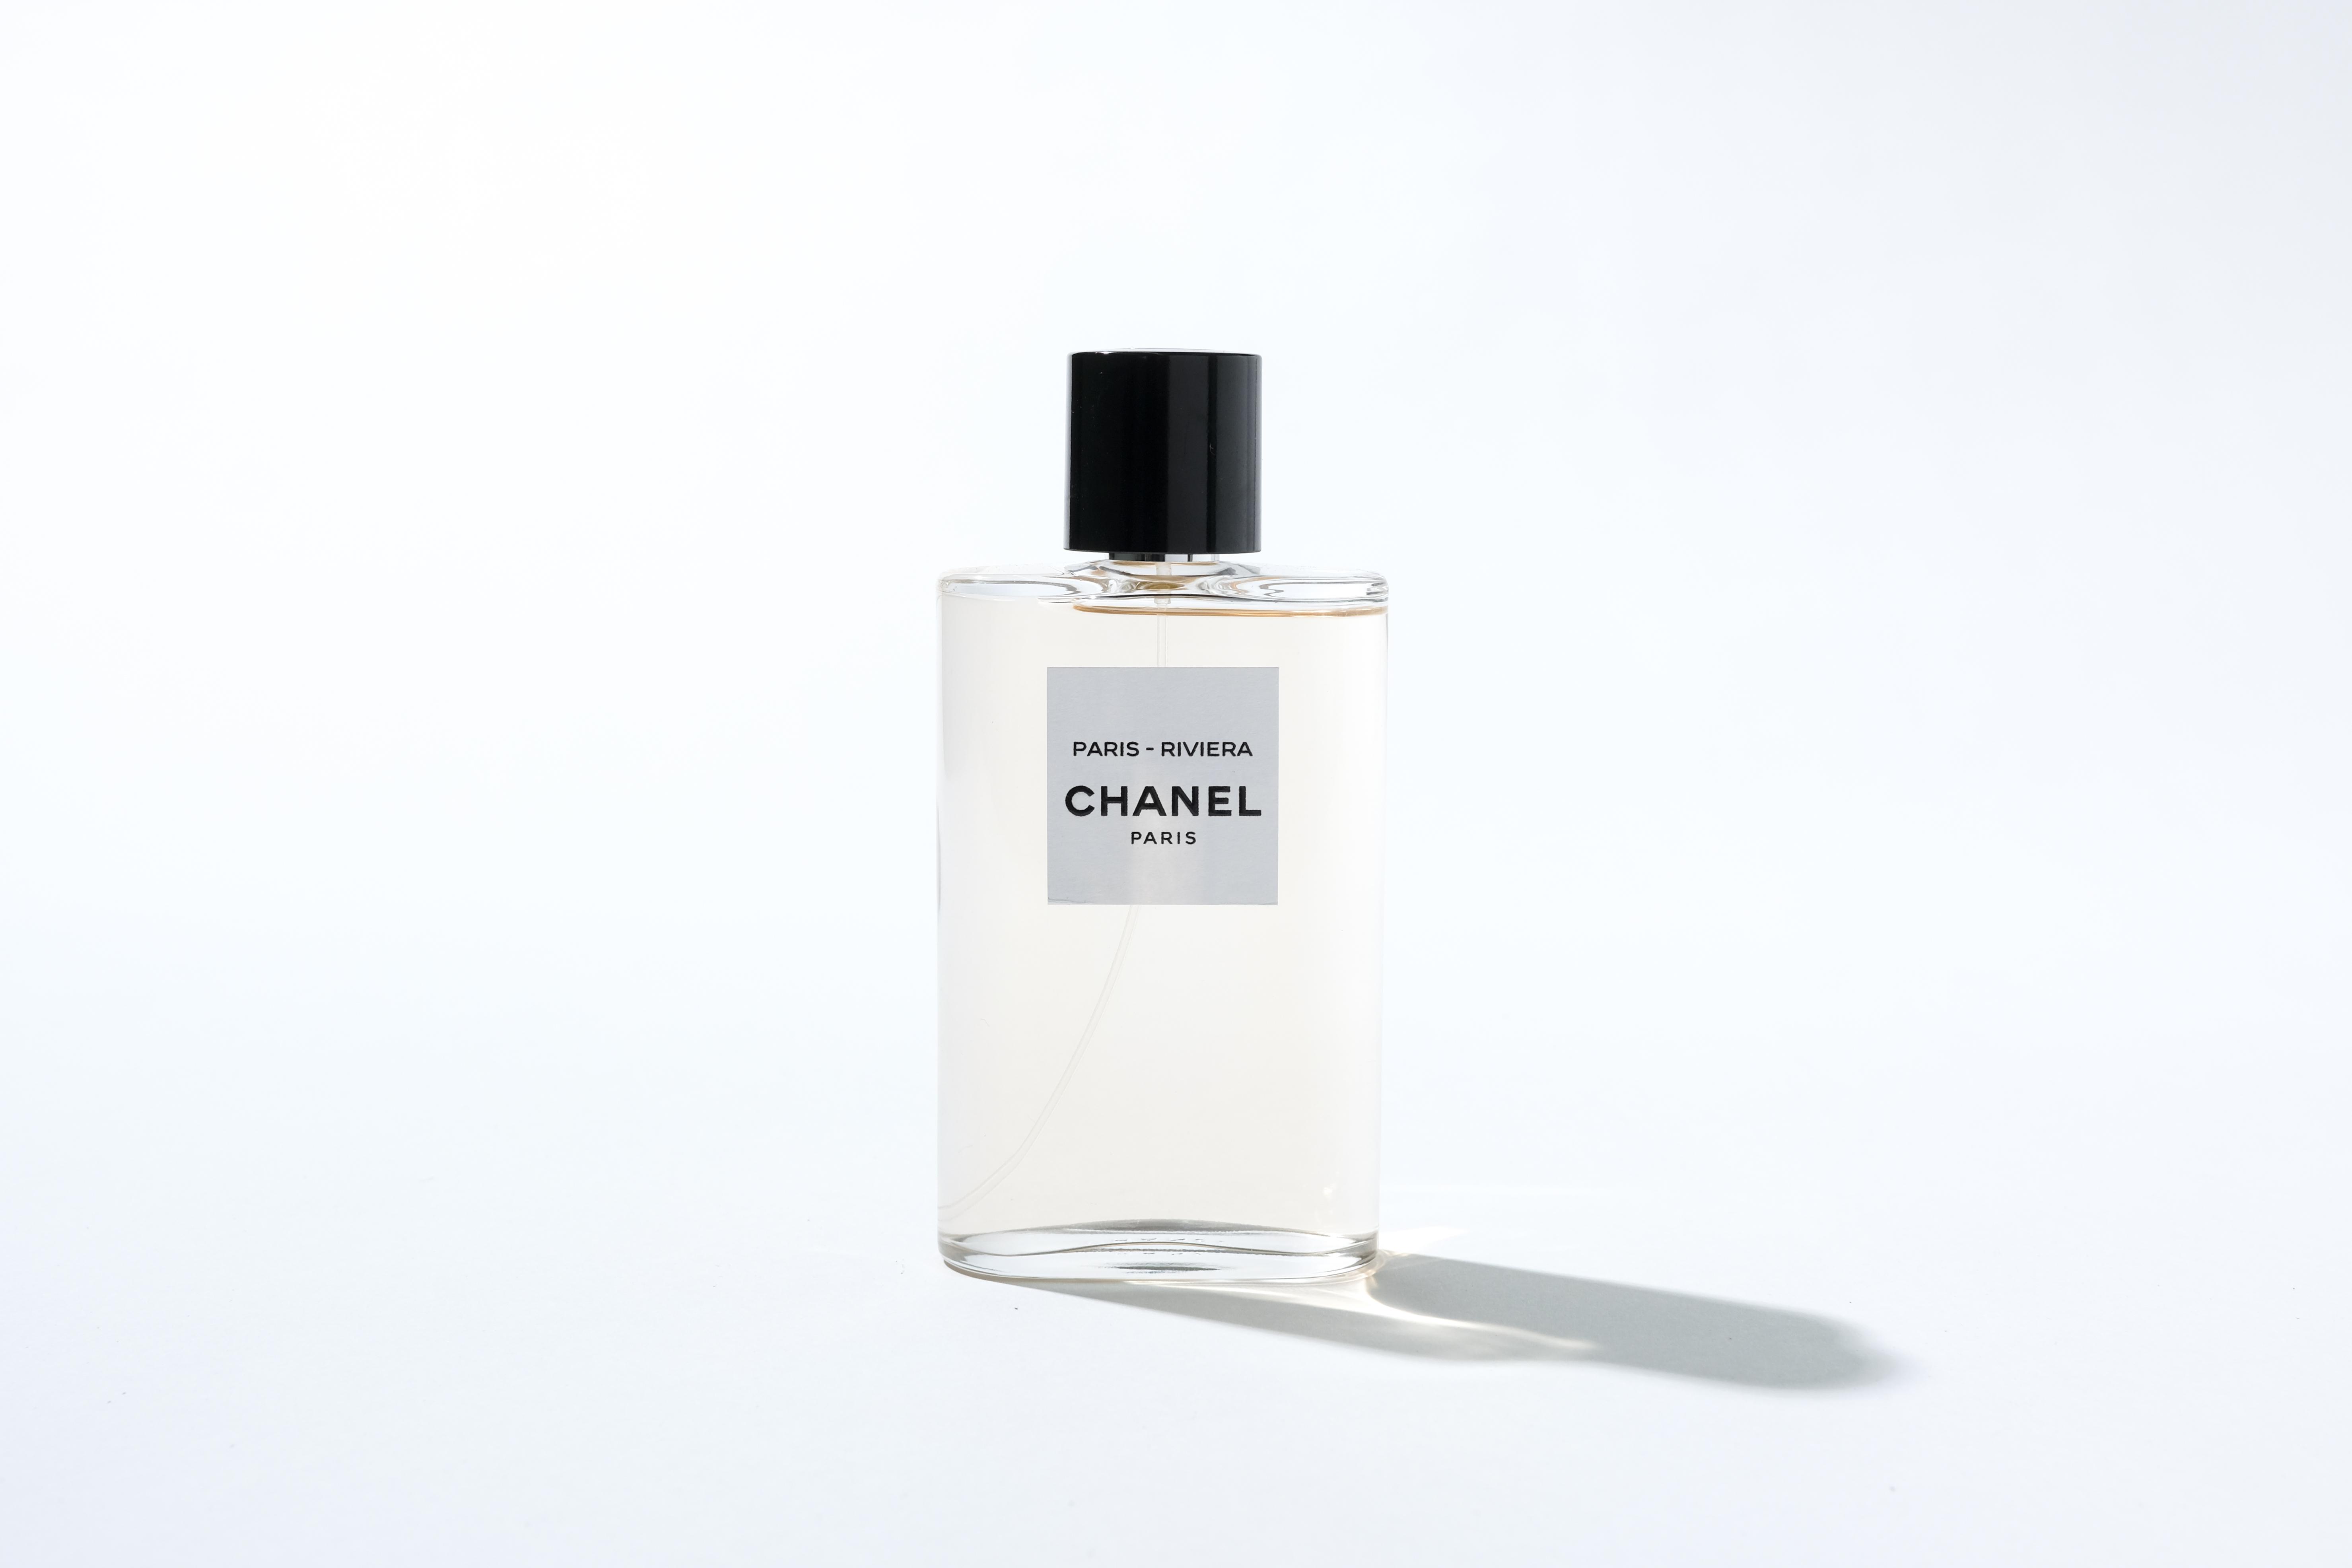 Chanel Les Eaux de Chanel PARIS-RIVIERA HK$1,155/125ml 靈感源自Chanel鍾情的地方,香氣結合西西里甜橙的清新酸甜與苦橙花的細緻芳香,描繪一九二八年法國蔚藍海岸的別墅La Pausa。